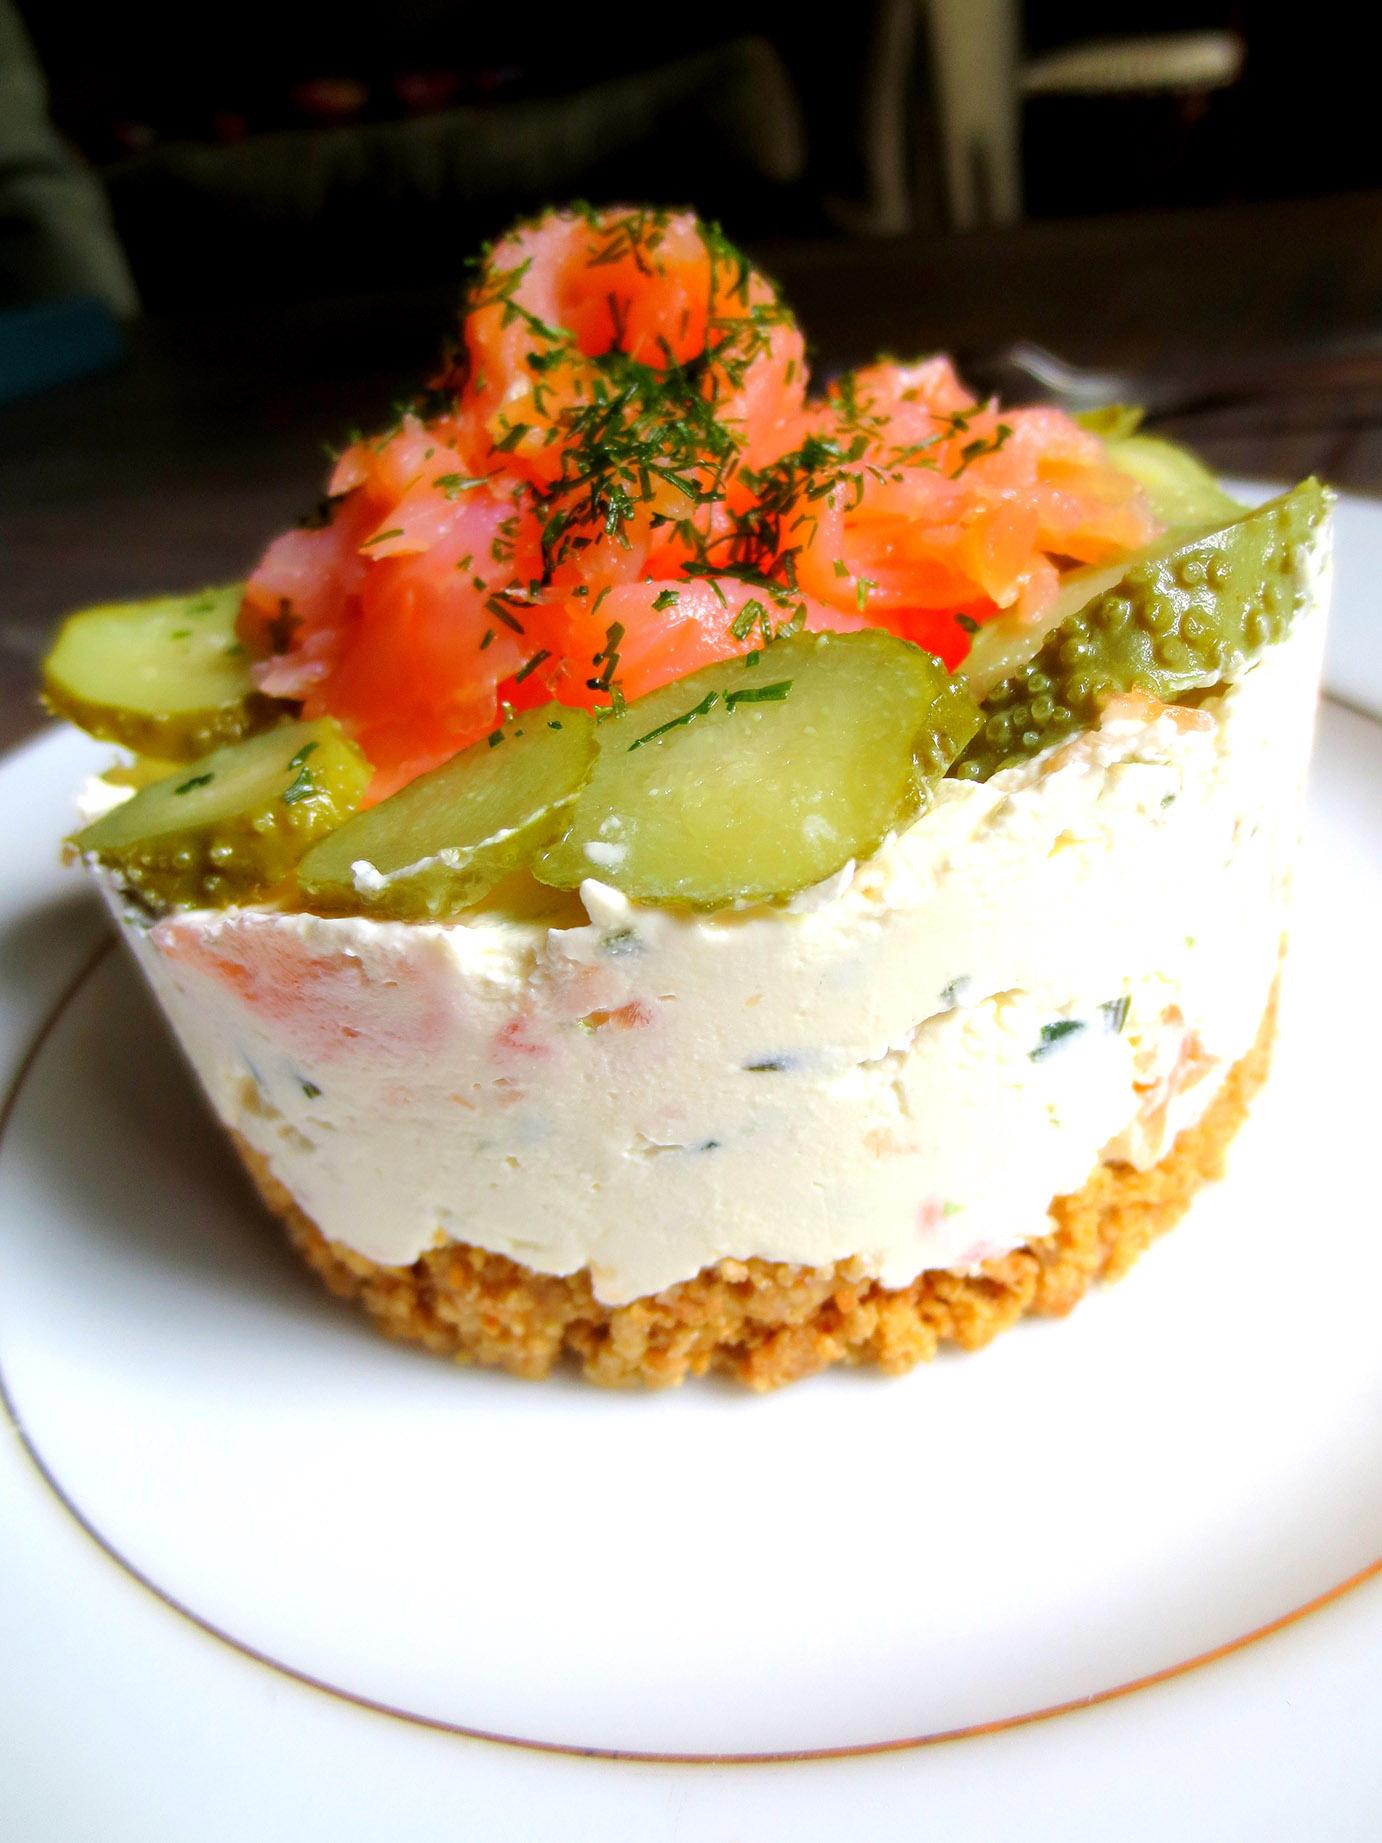 Cheesecake au saumon fum sans cuisson je cuisine donc - Emporte piece oeuf au plat ...